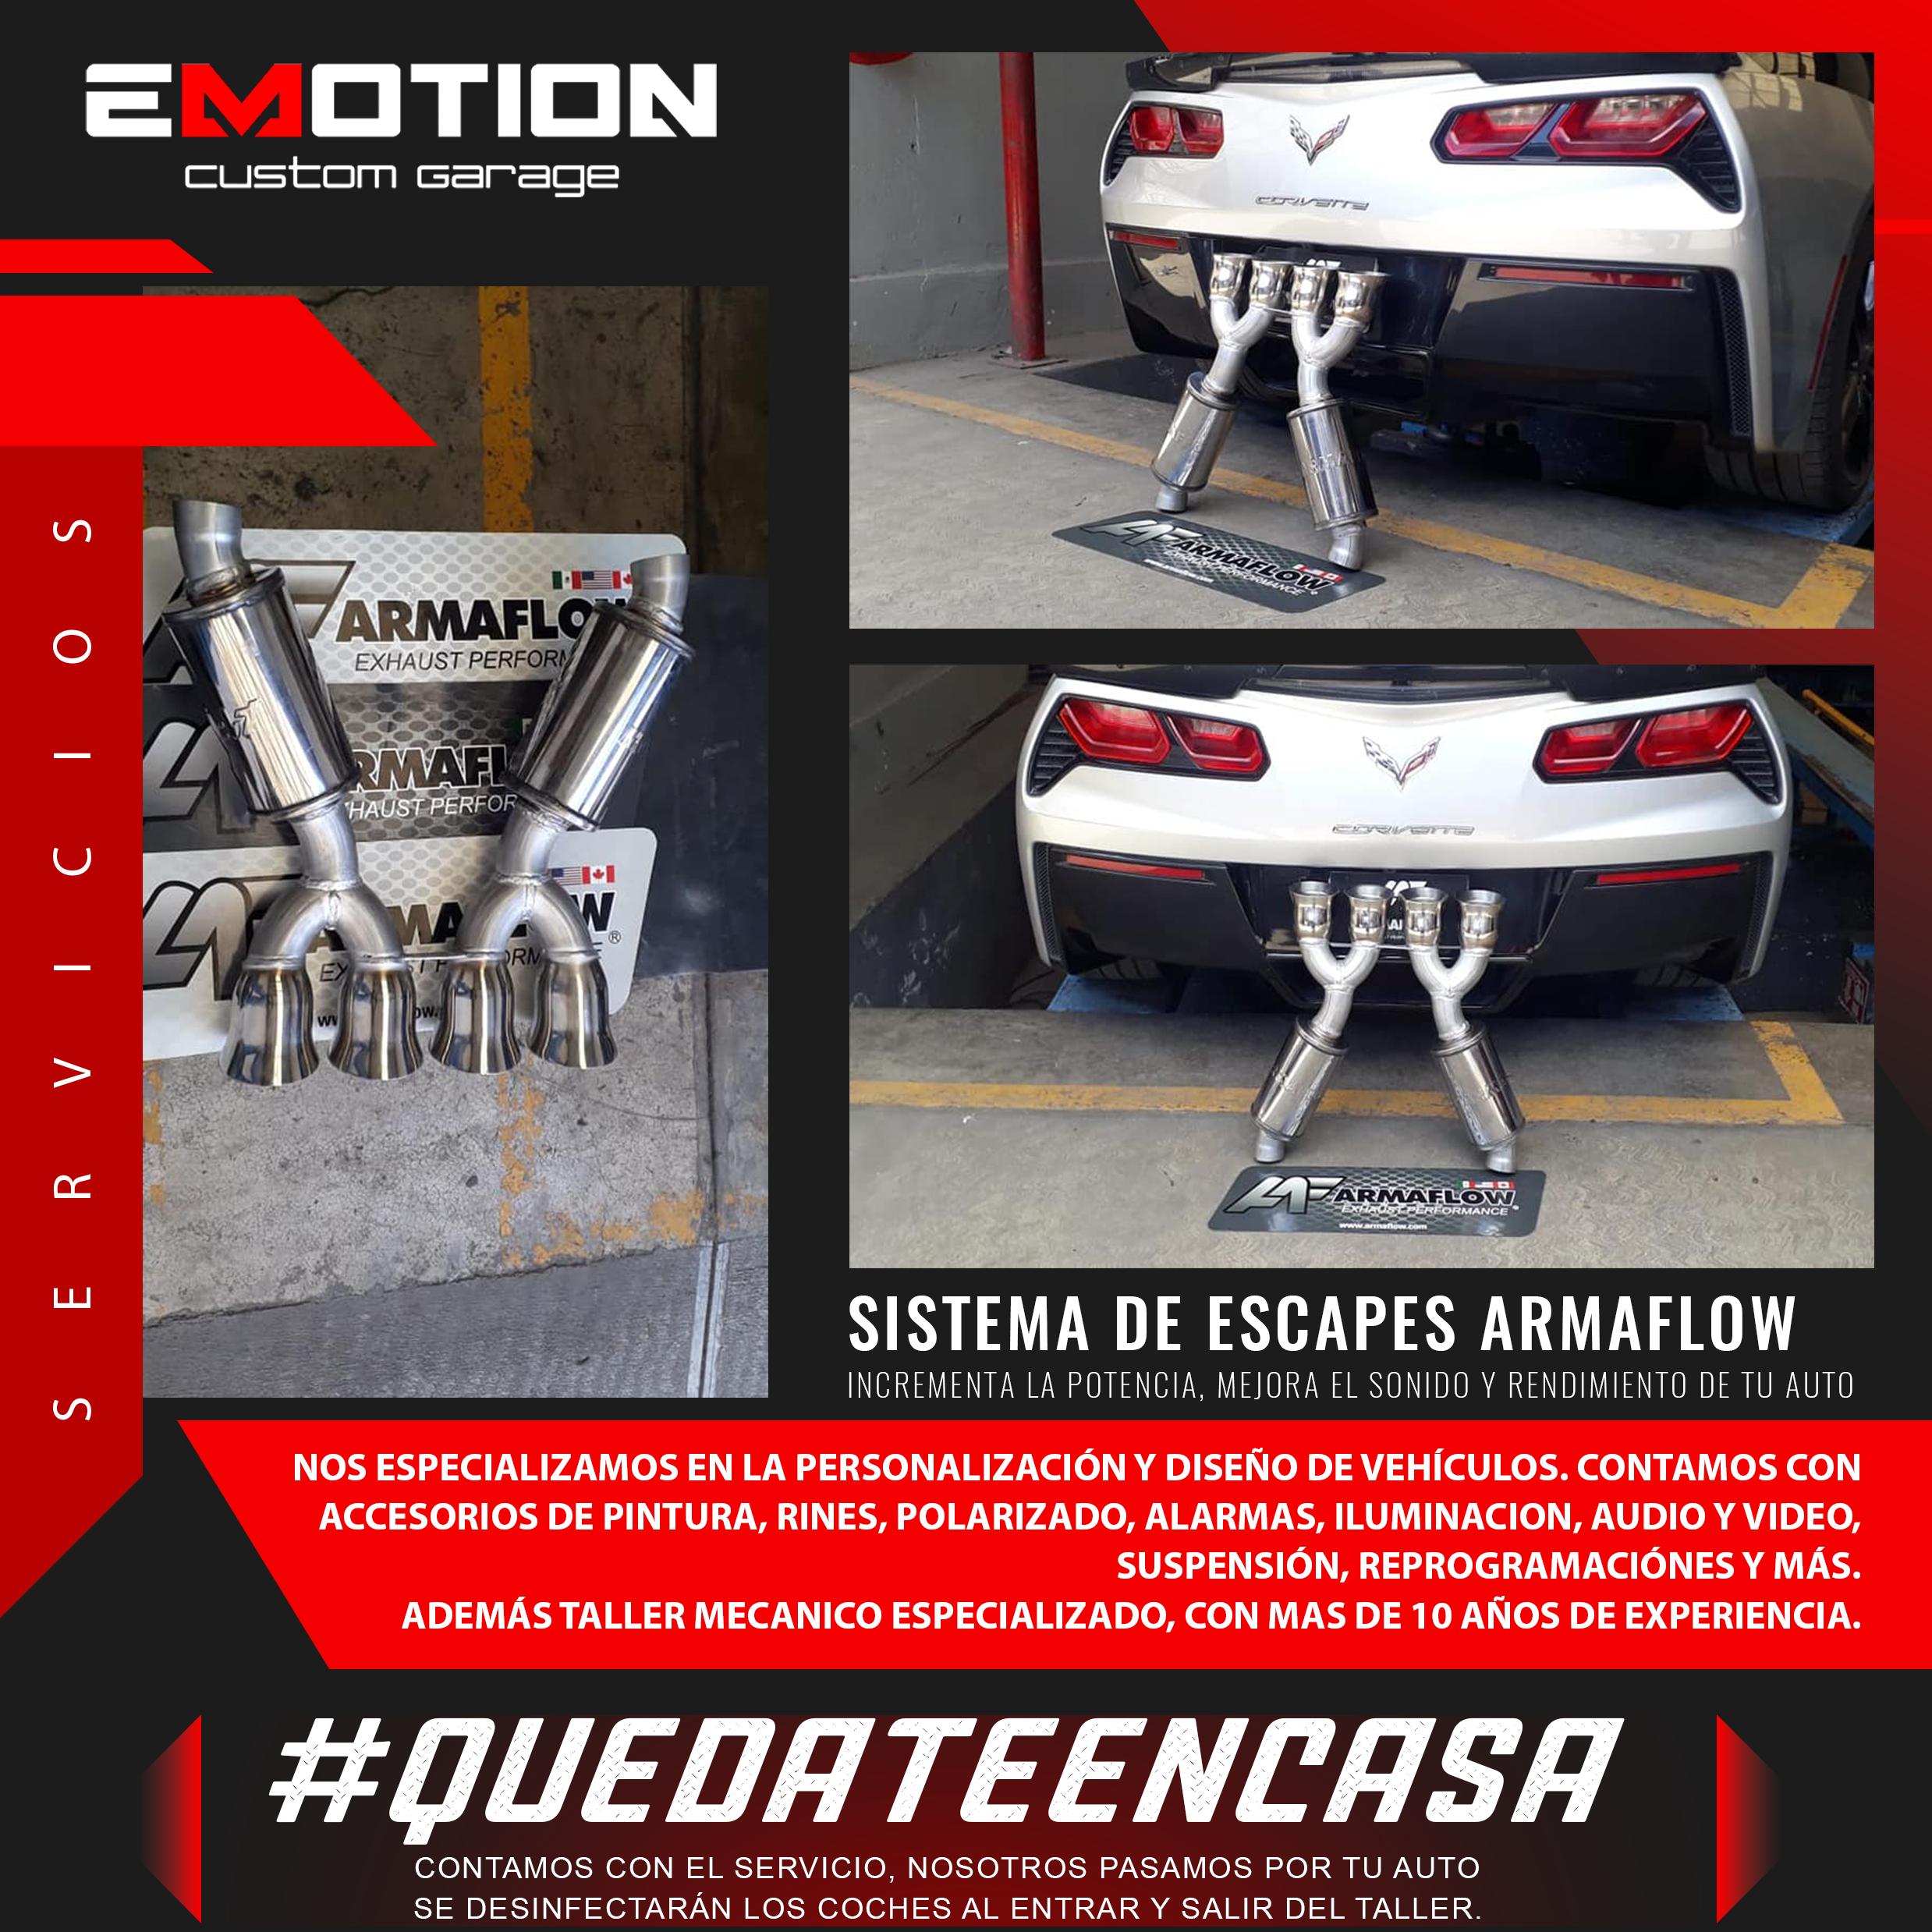 Emotion Custom Garage